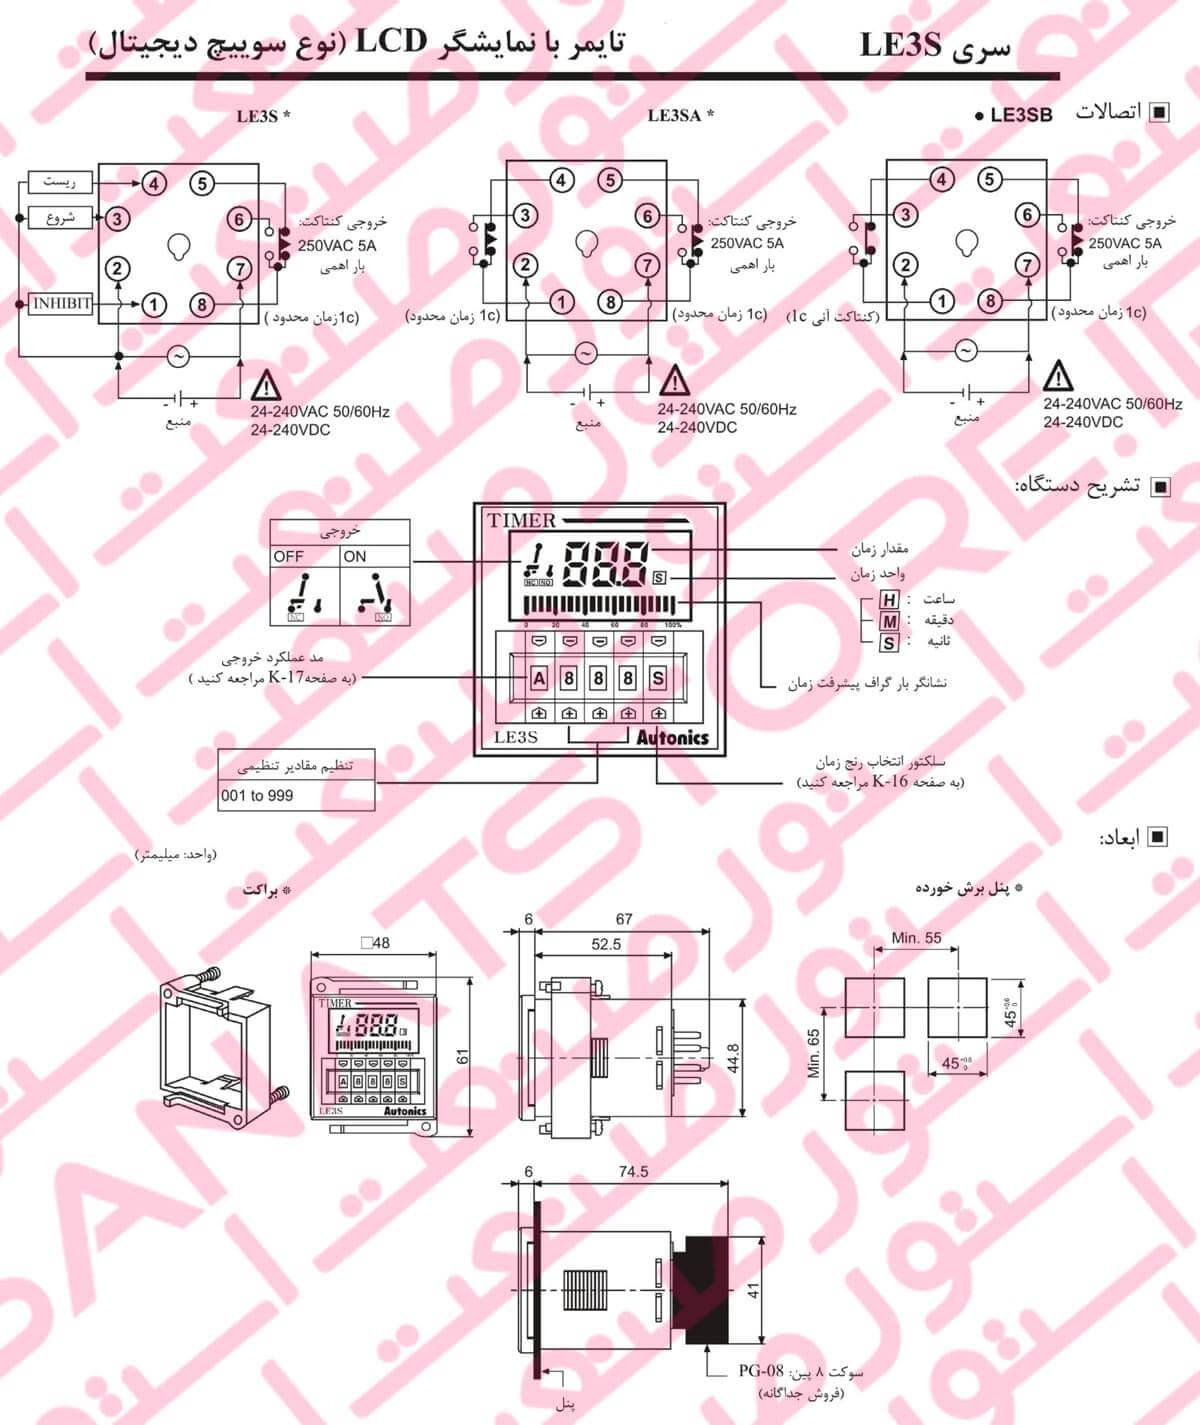 راهنمای نصب تایمر های دیجیتال آتونیکس Autonics سری LE3S